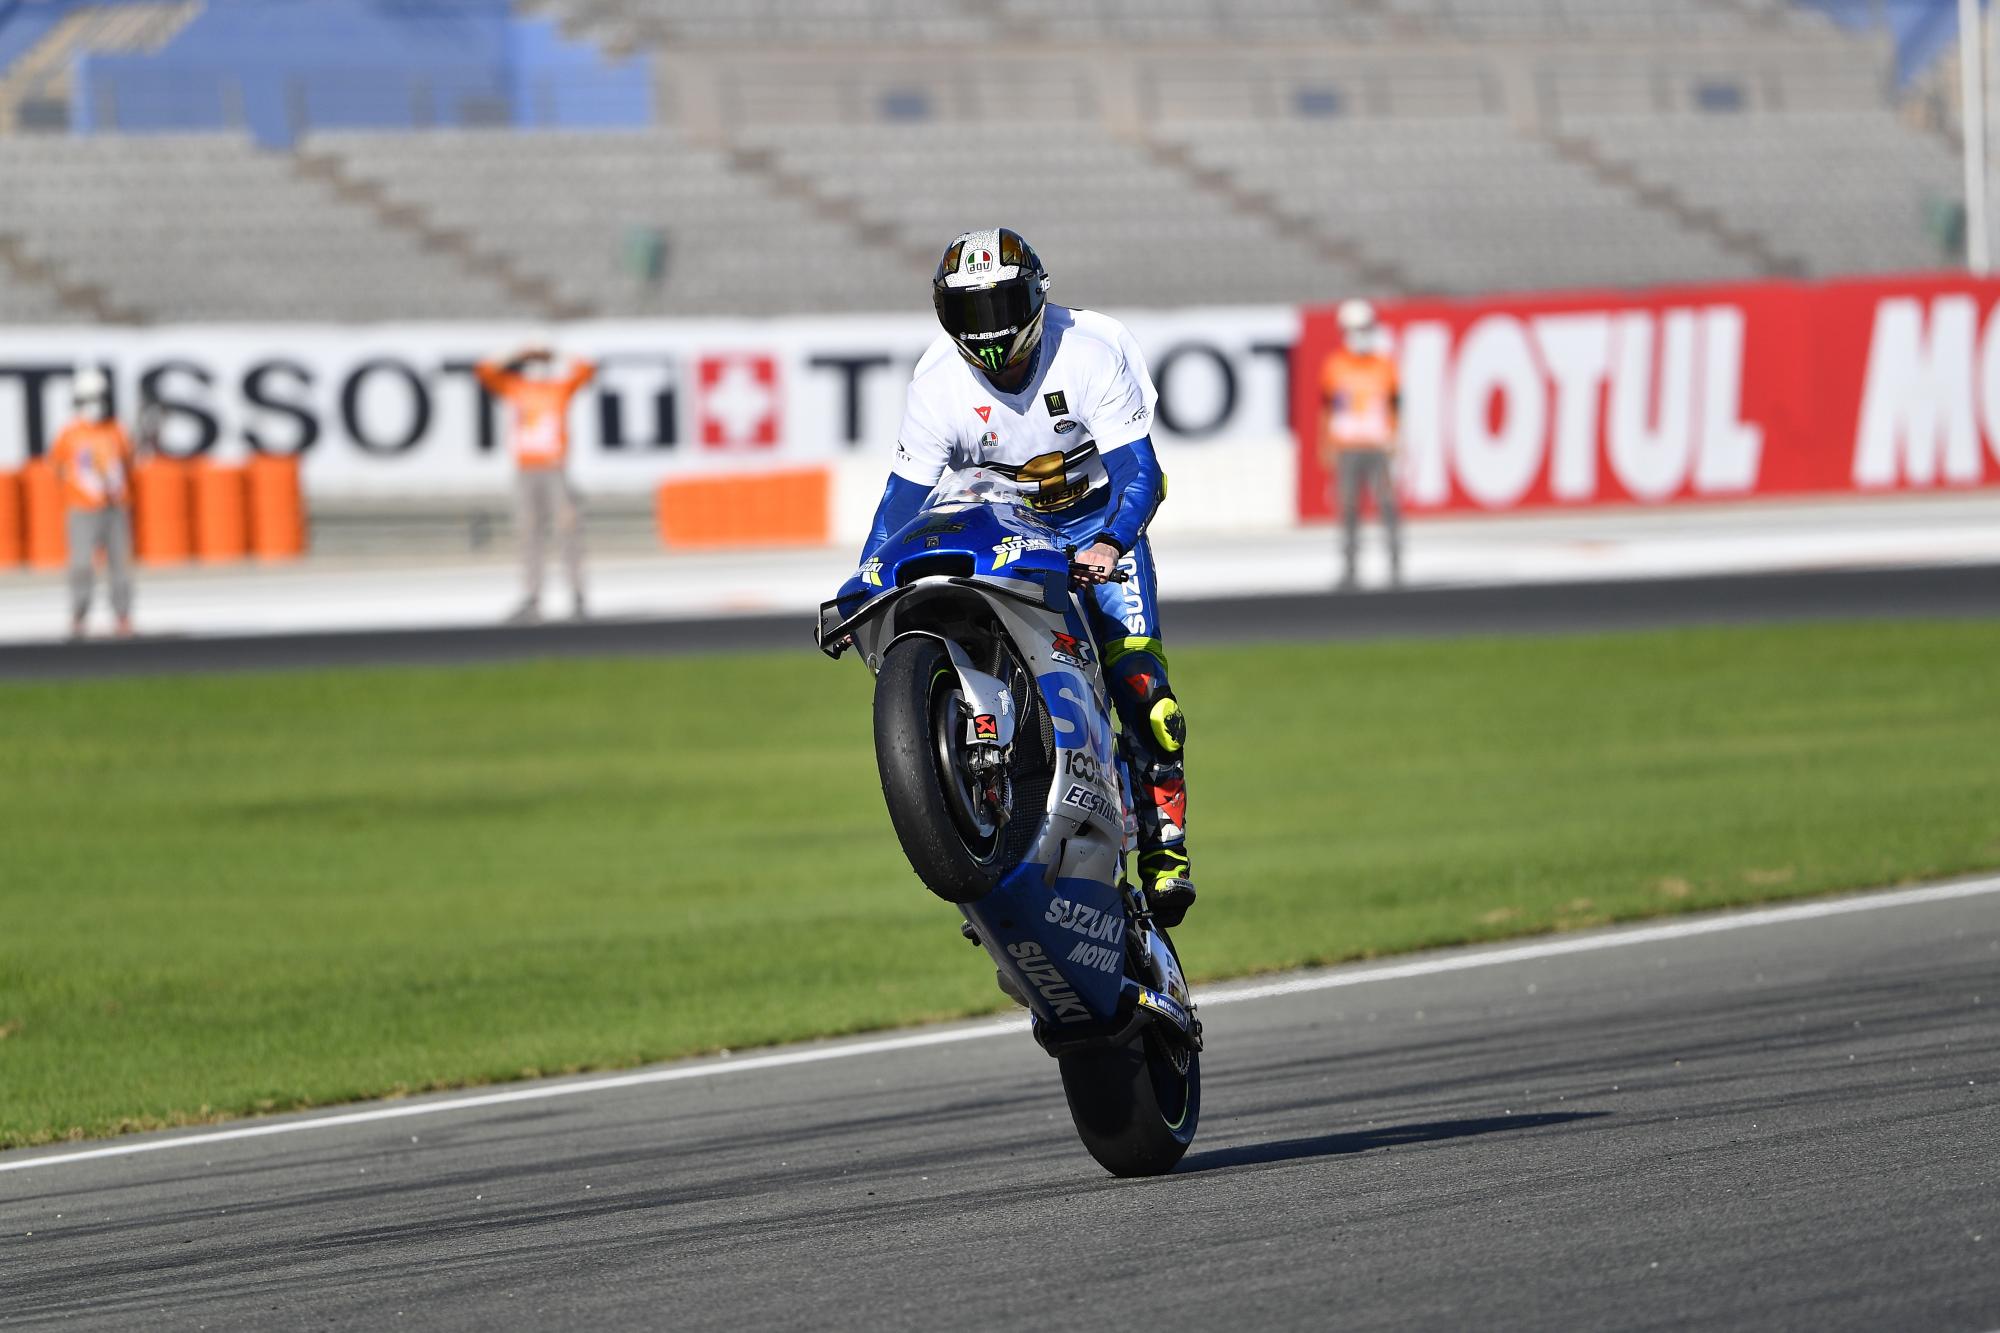 Egy győzelem is elég volt: Joan Mir a 2020-as világbajnok a MotoGP-ben!